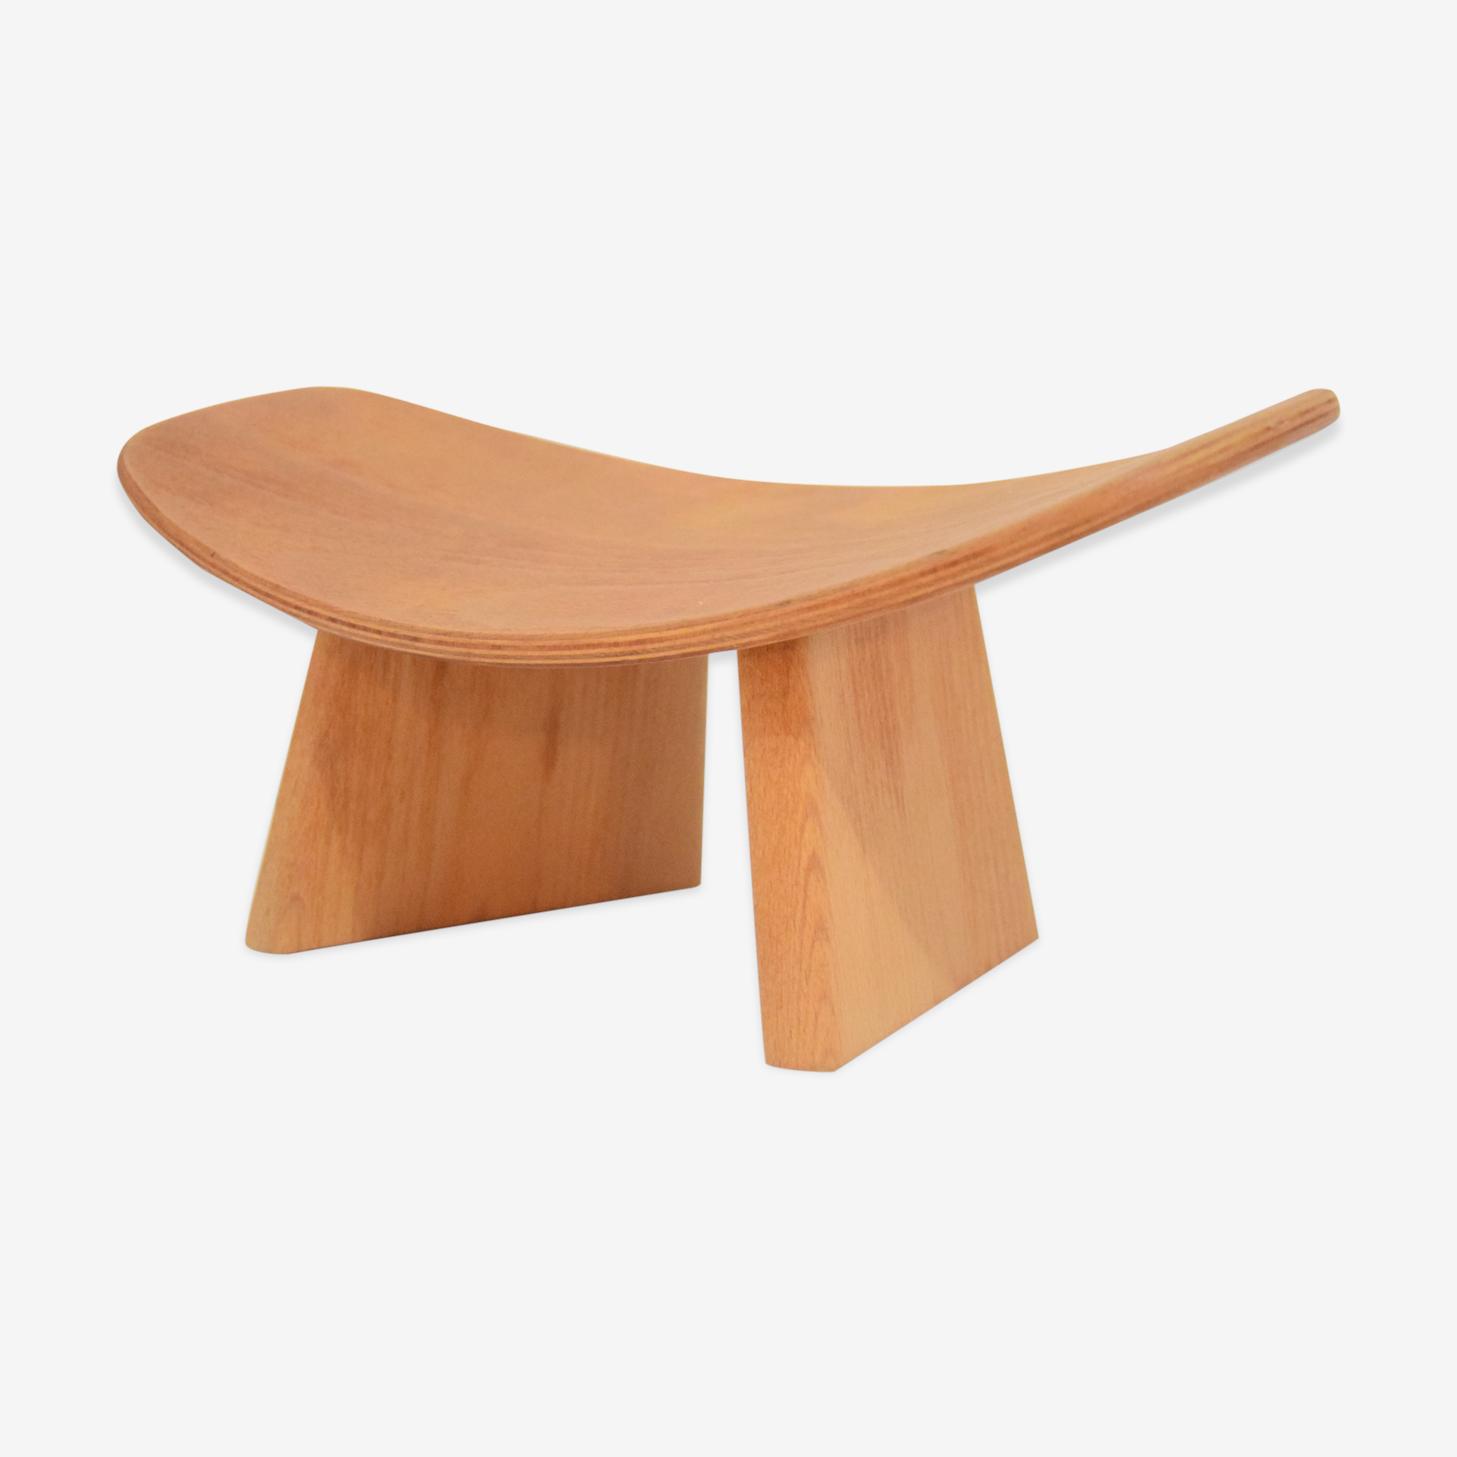 Minimalist stool in solid beech by Alain Gaubert